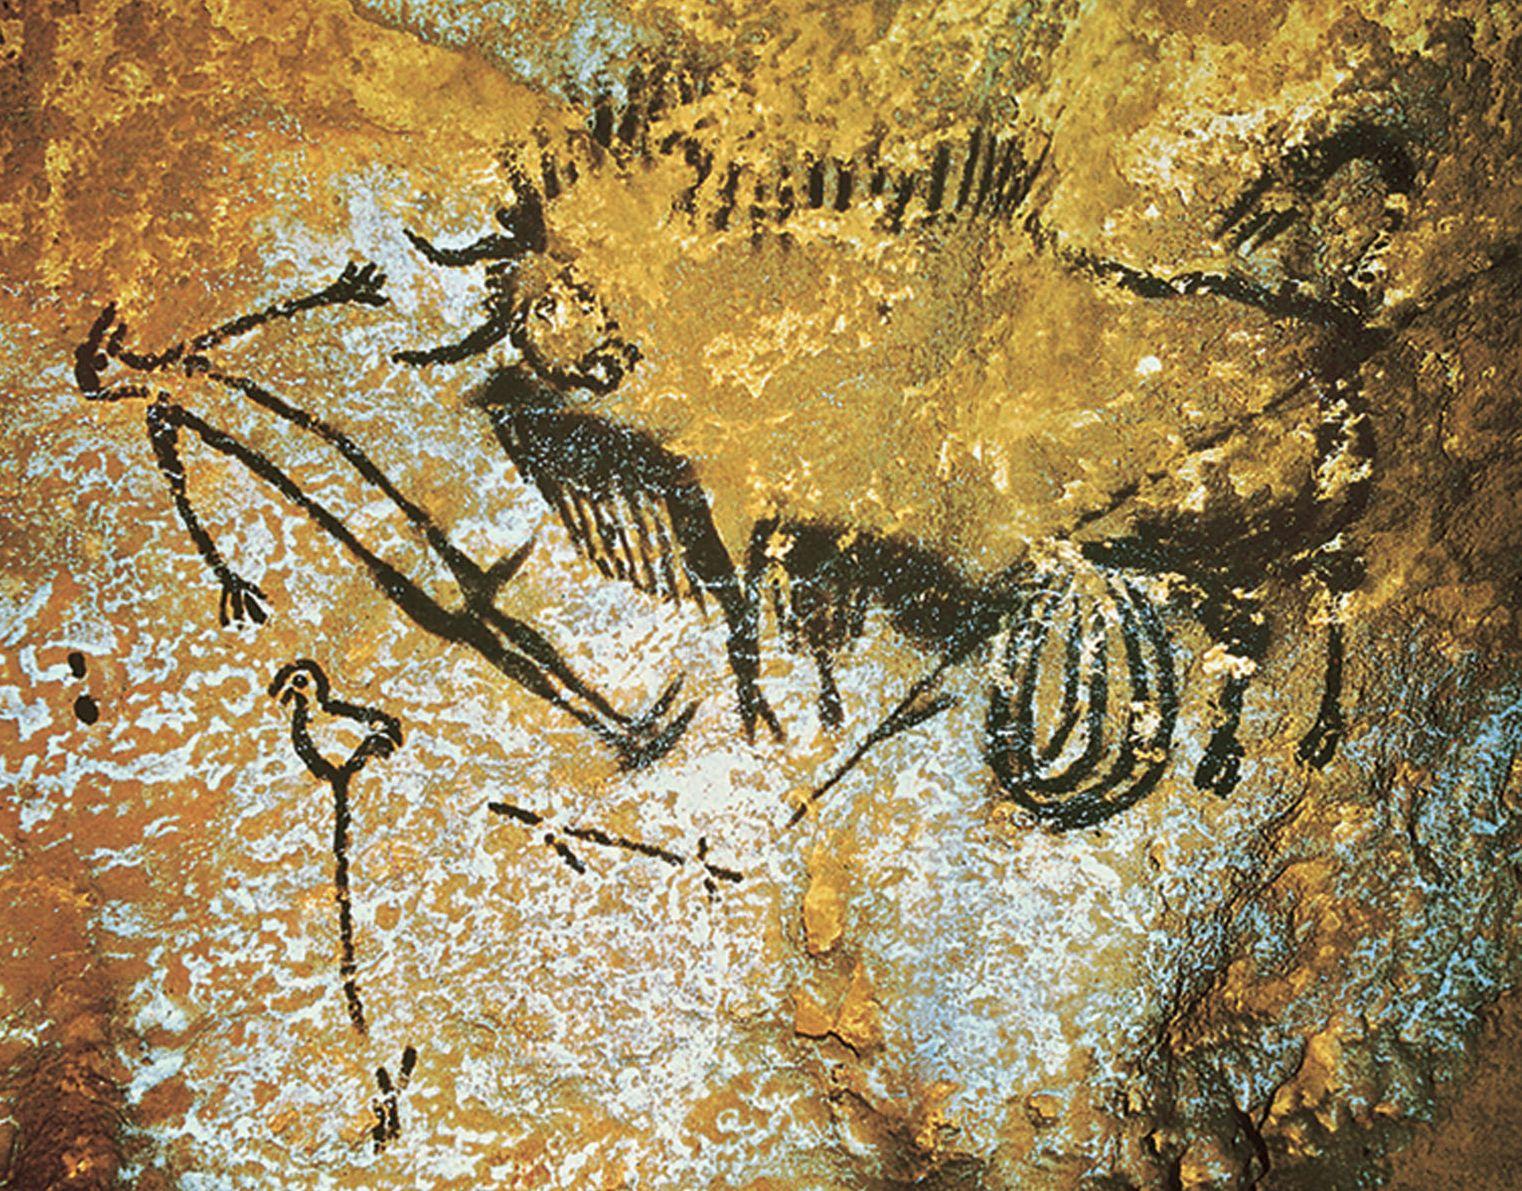 lascaux-birdman-bison.jpg